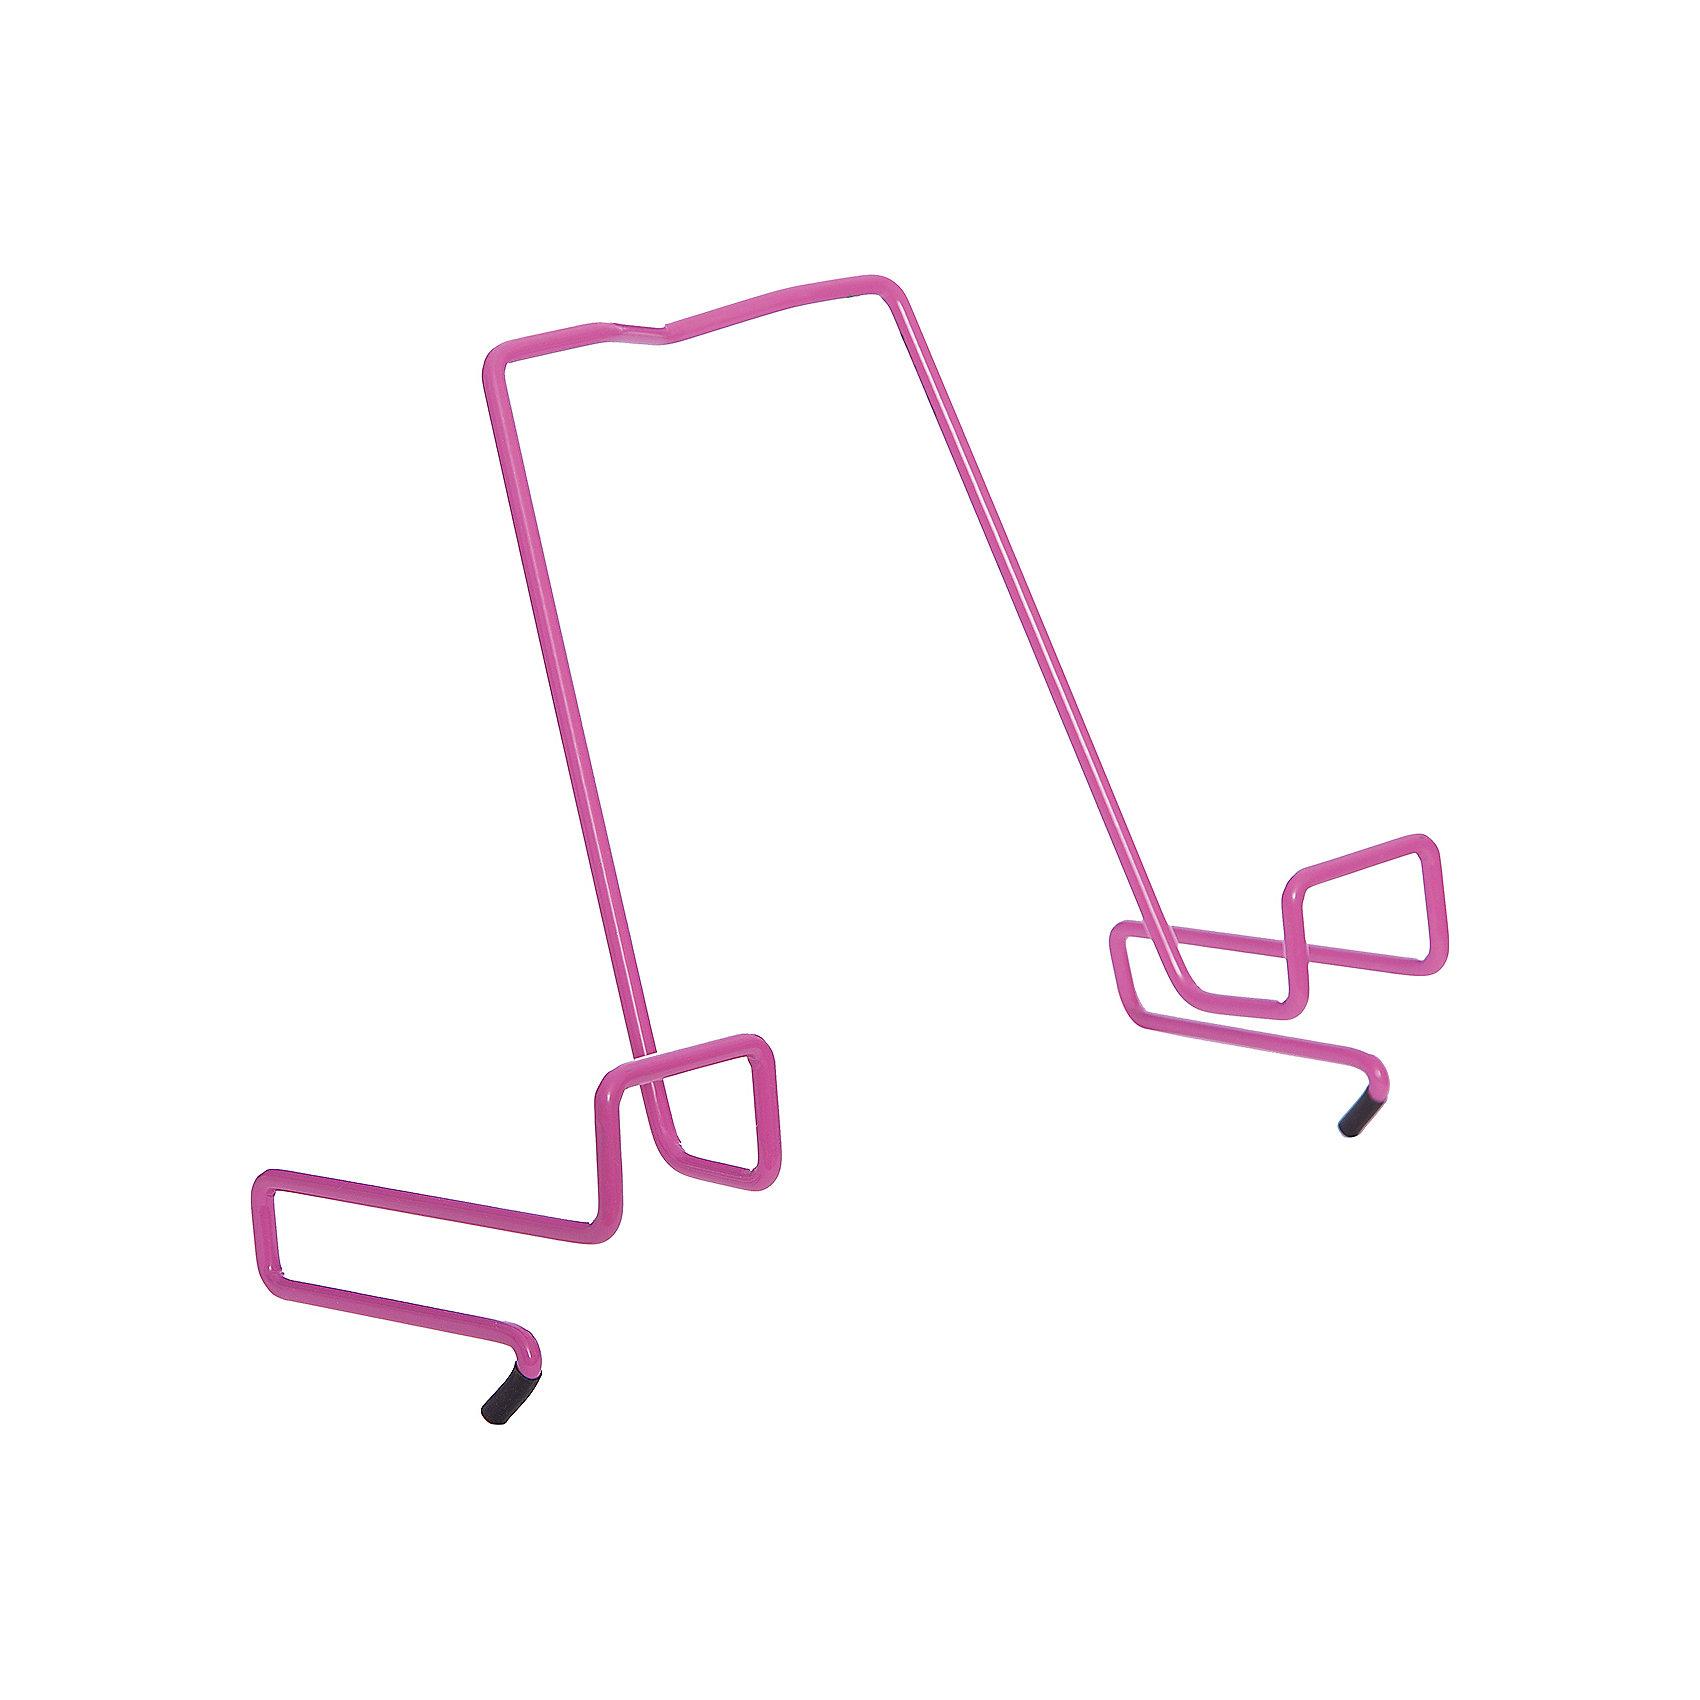 Подставка для книг металлическая ПДК.02, Дэми, розовыйПодставка для книг металлическая ПДК.02, Дэми, розовый – необходимая вещь для каждого ребенка.<br>Данная модель представляет собой привычную металлическую подставку, знакомую всем с детства. Однако ее отличие в том, что подставка надежно крепится к столу Дэми. Это позволяет ребенку не волноваться о том, что она может упасть. У подставки удобный угол наклона, но при желании ее можно отрегулировать. <br><br>Дополнительная информация: <br><br>Размер: 330x202x55 мм<br>Вес: 100 гр<br>Материал: металл<br>Цвет: розовый<br><br>Подставку для книг металлическую ПДК.02, Дэми, розовую можно купить в нашем интернет магазине.<br><br>Ширина мм: 500<br>Глубина мм: 390<br>Высота мм: 30<br>Вес г: 100<br>Возраст от месяцев: 48<br>Возраст до месяцев: 1188<br>Пол: Женский<br>Возраст: Детский<br>SKU: 4919241